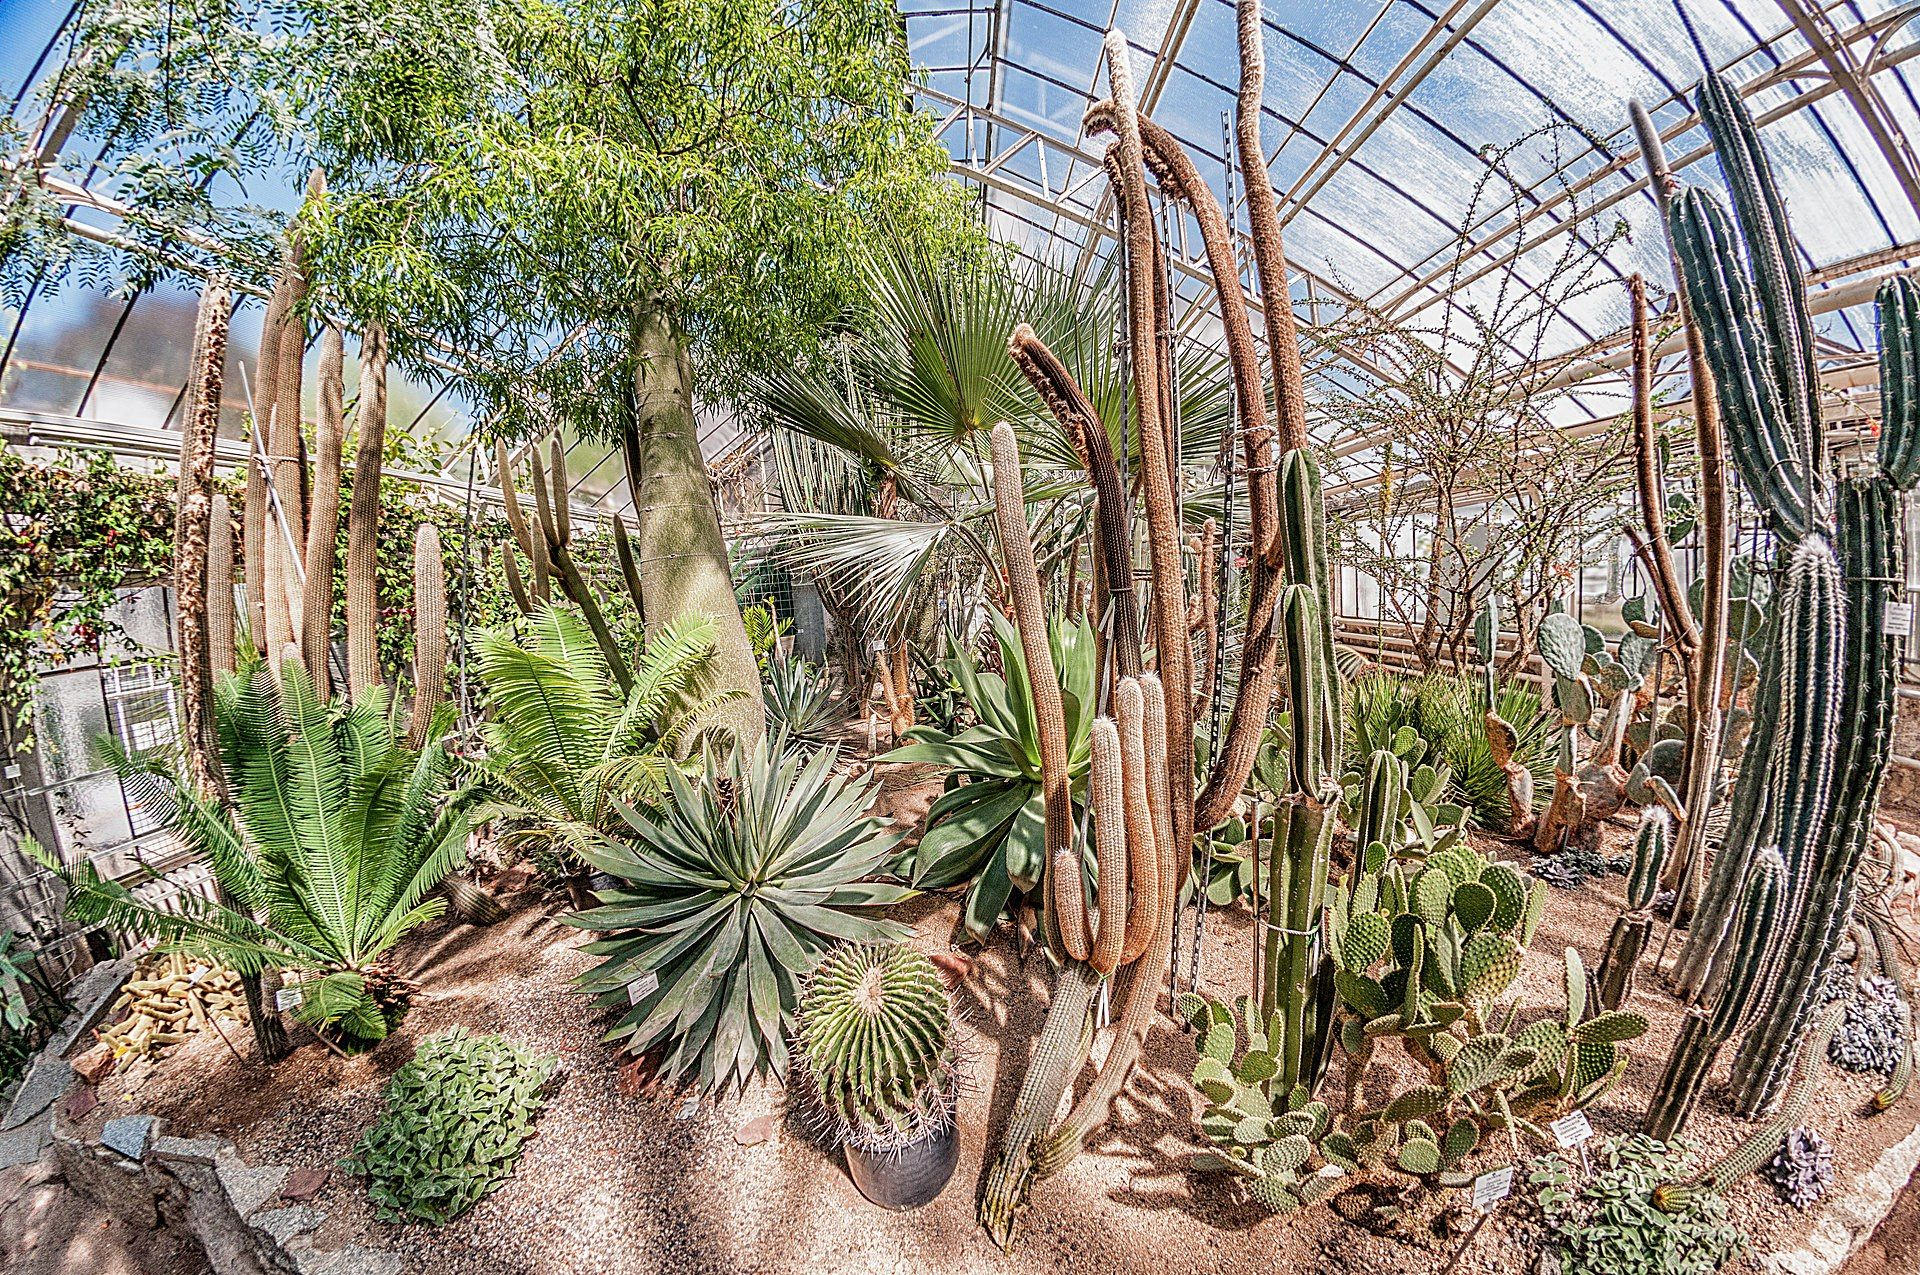 Botanischer Garten Heidelberg öffnungszeiten Sieht Aus Dass Wir